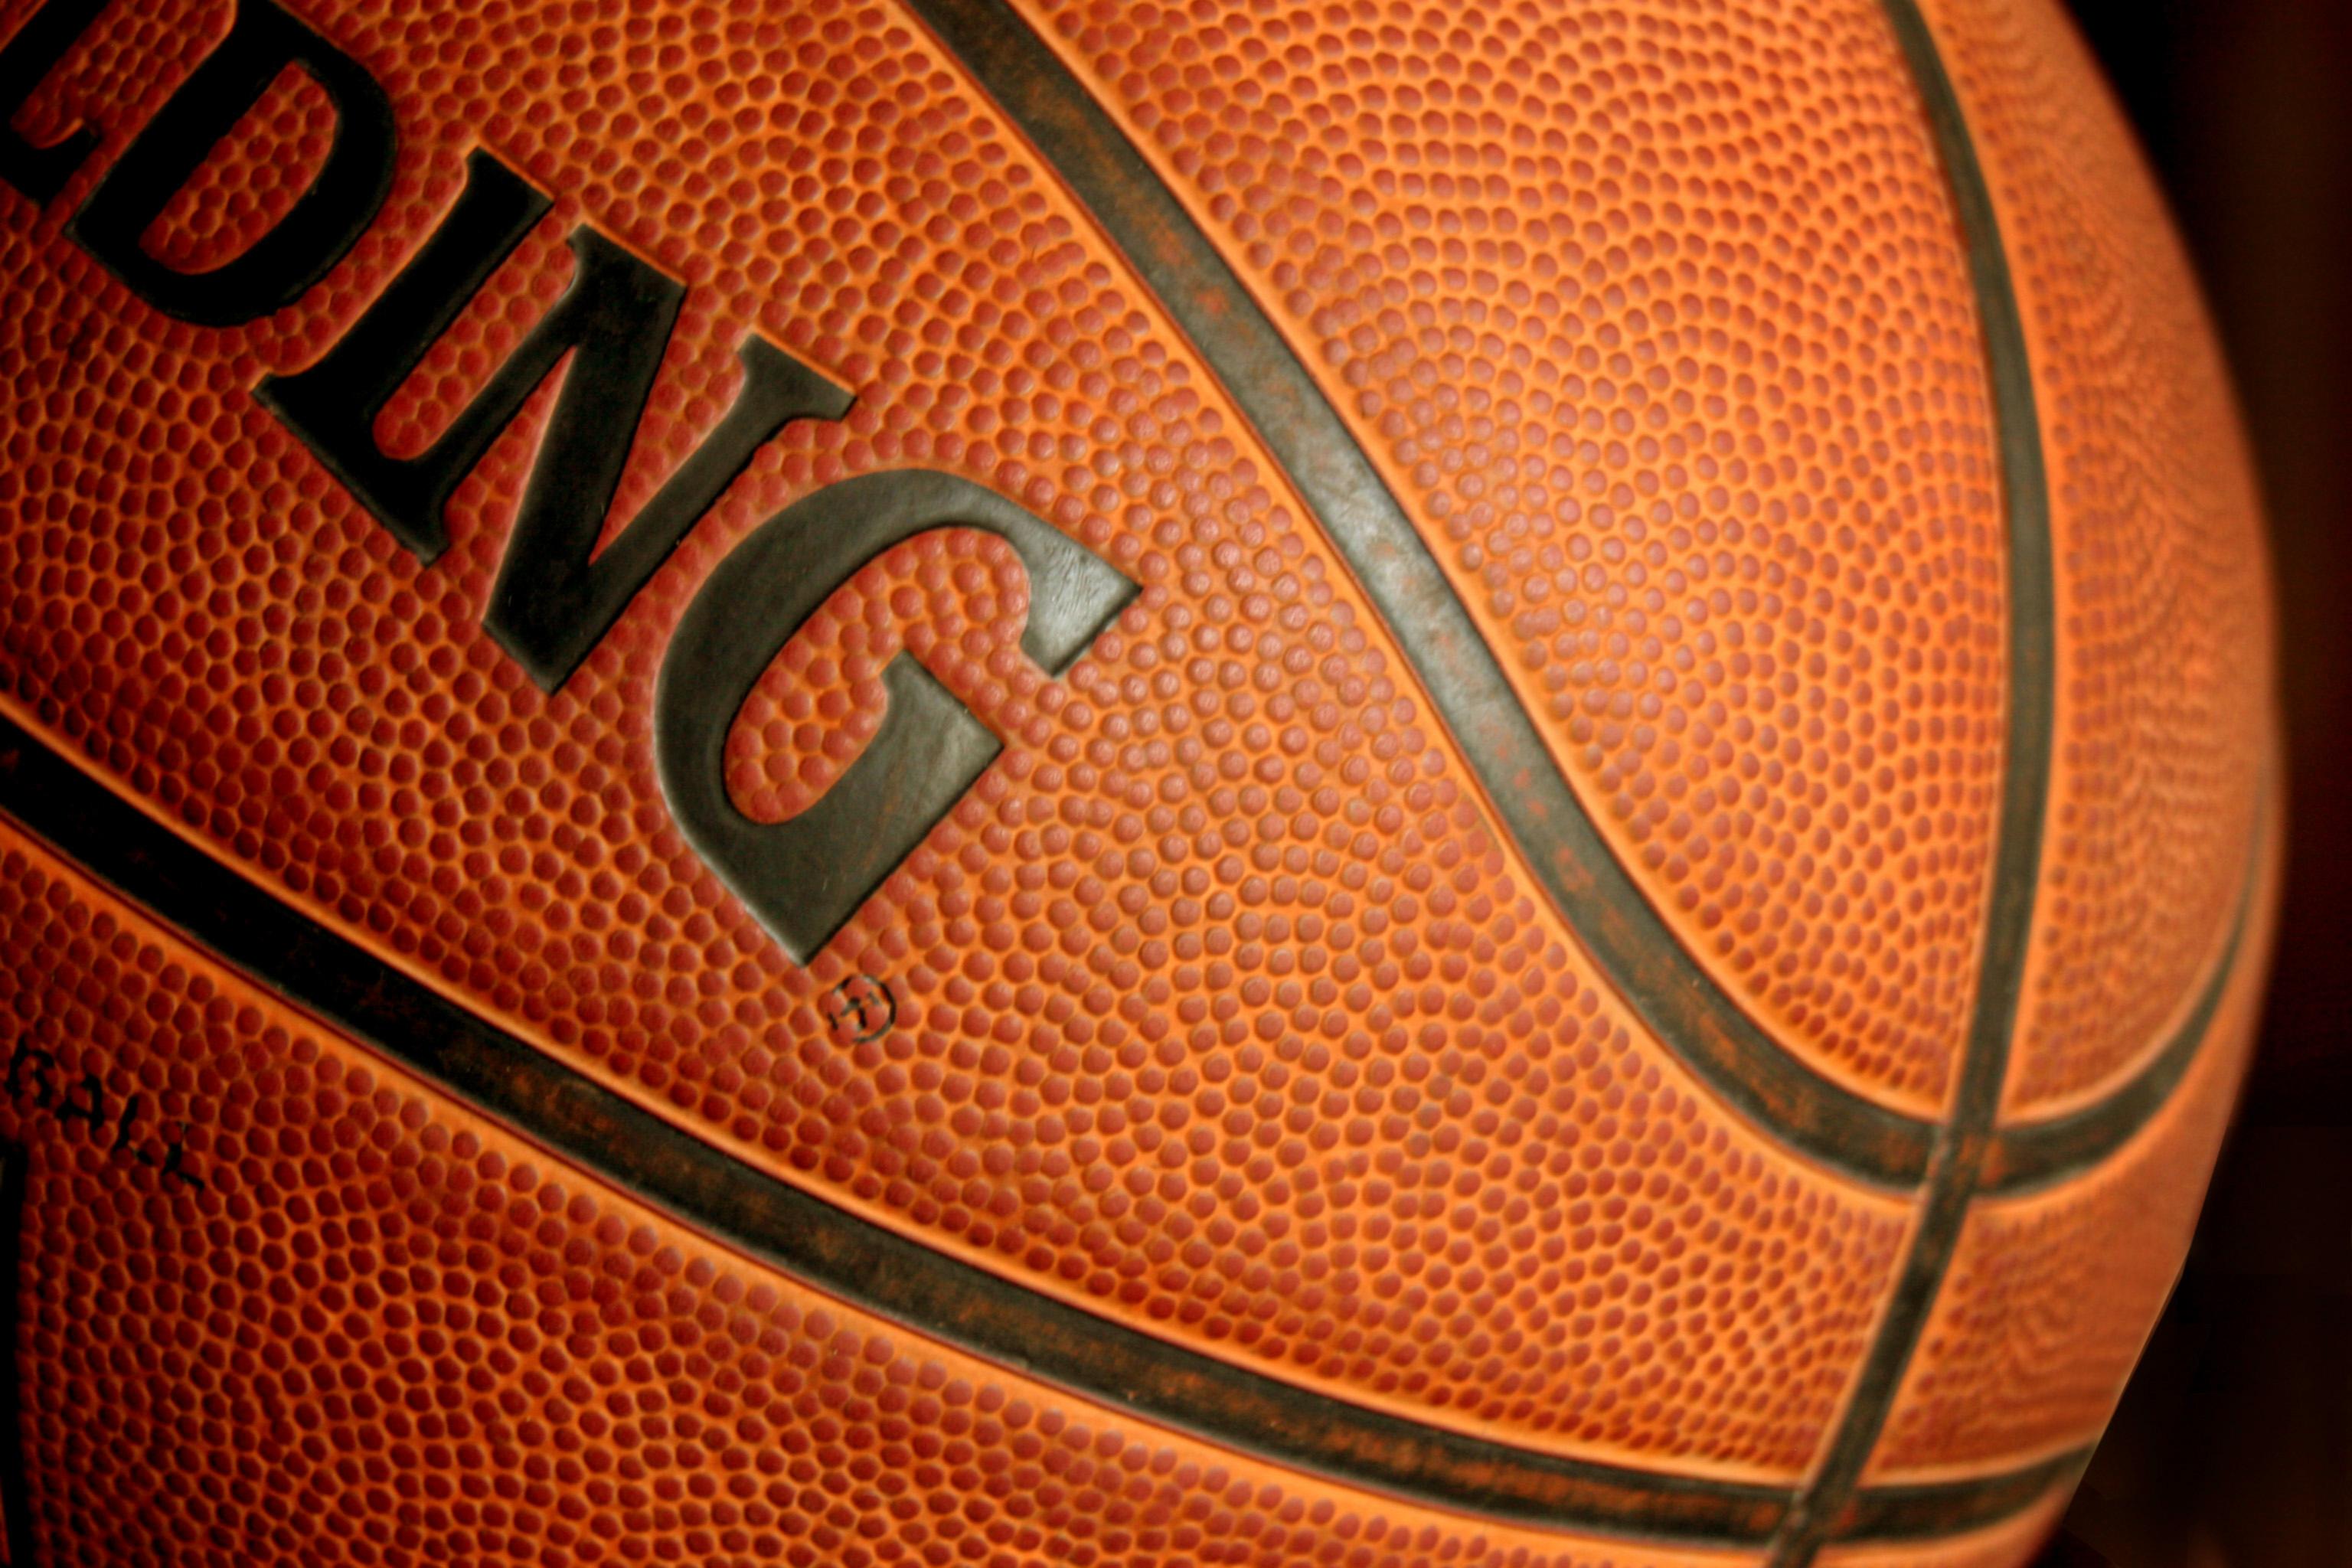 Баскетбольный мяч, фото, обои для рабочего стола